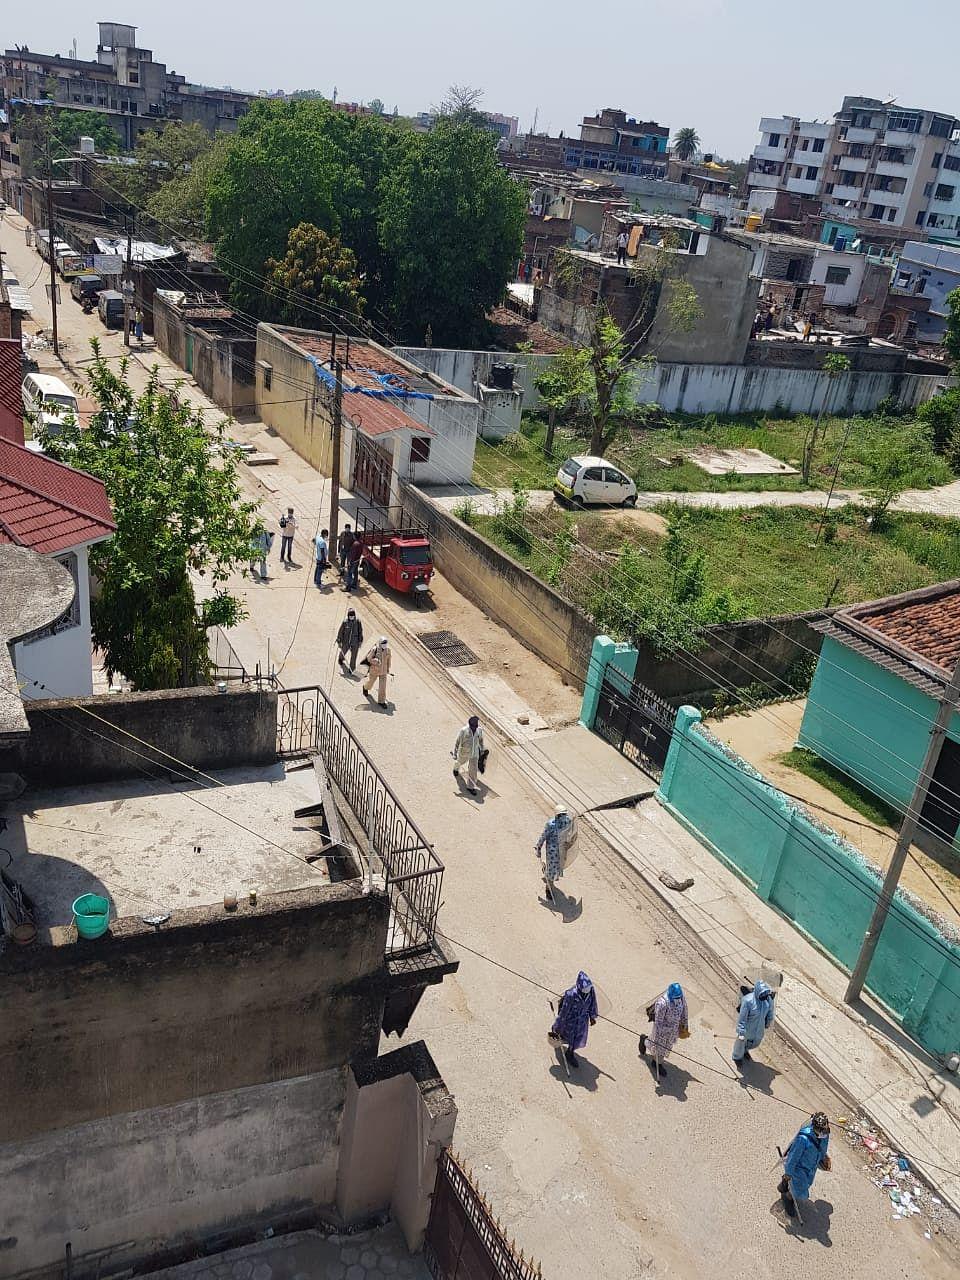 रांची के हिंदपीढ़ी इलाके में स्वास्थ्य कर्मी और प्रशासन को छोड़कर सभी लोग अपने अपने घर में दुबके हुए हैं